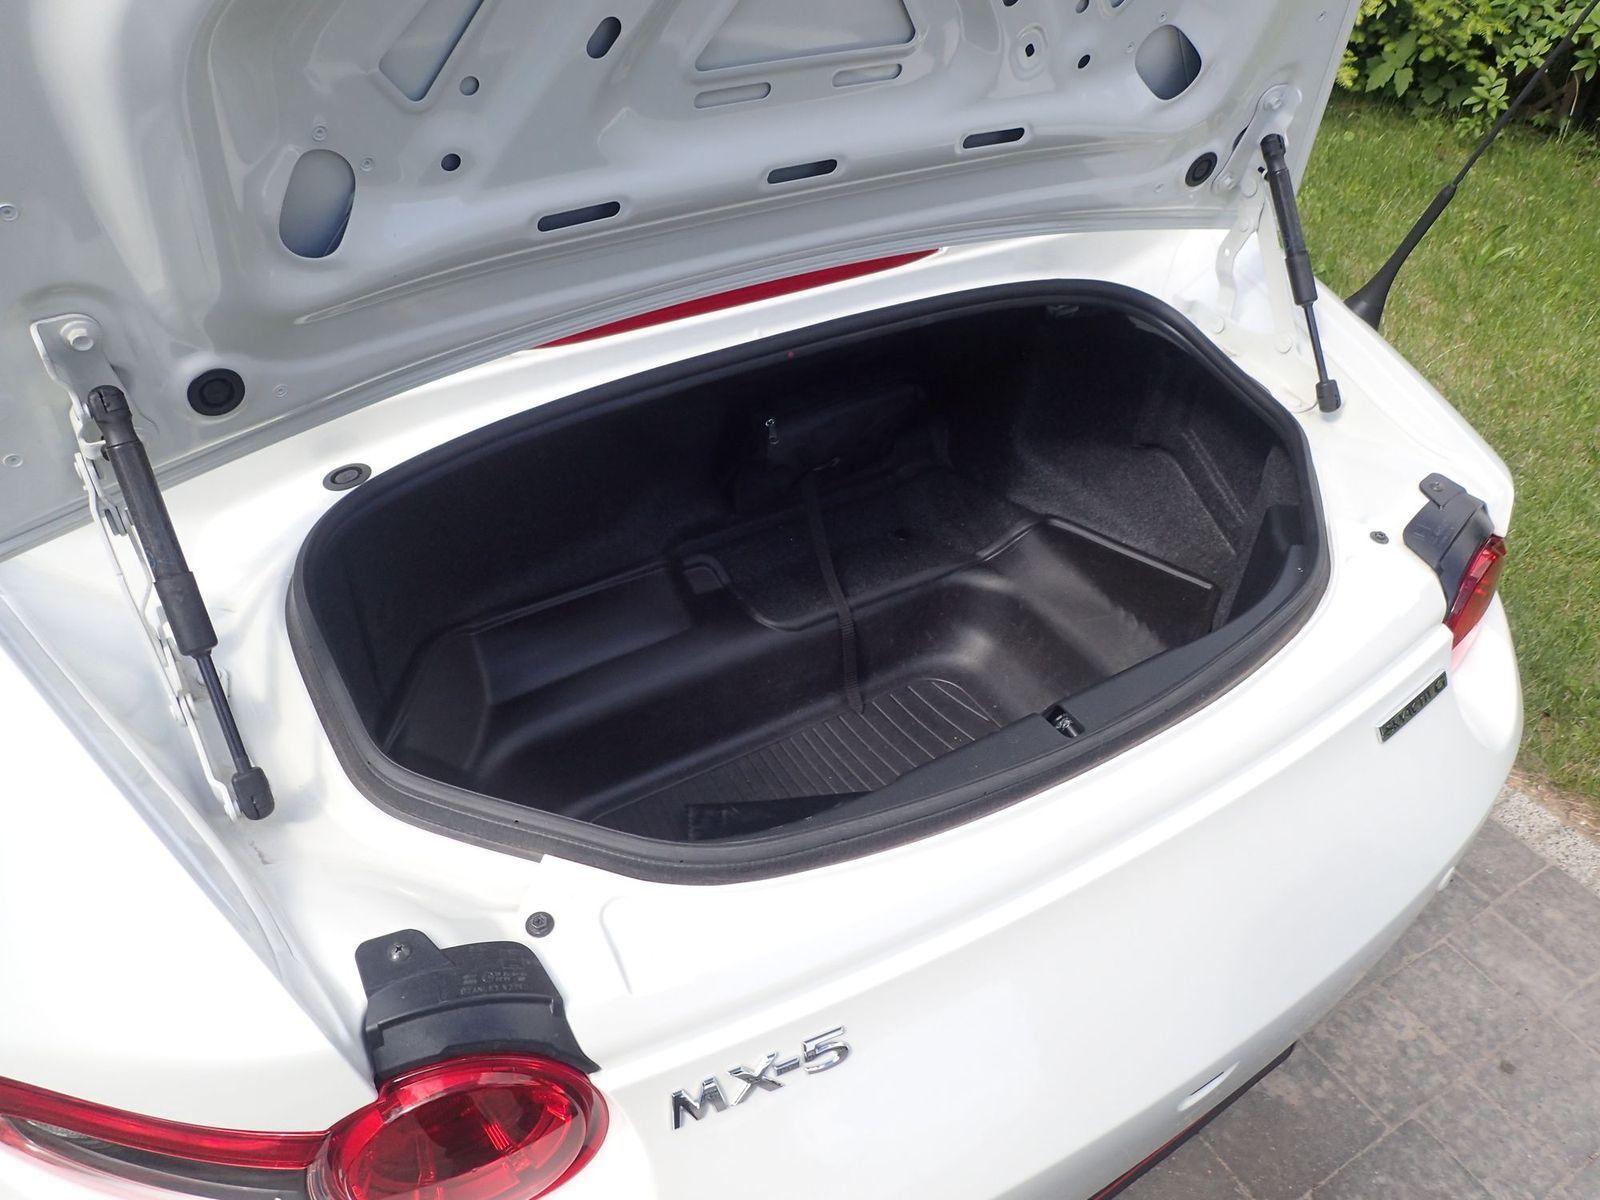 Mazda_MX-5_test2021_06